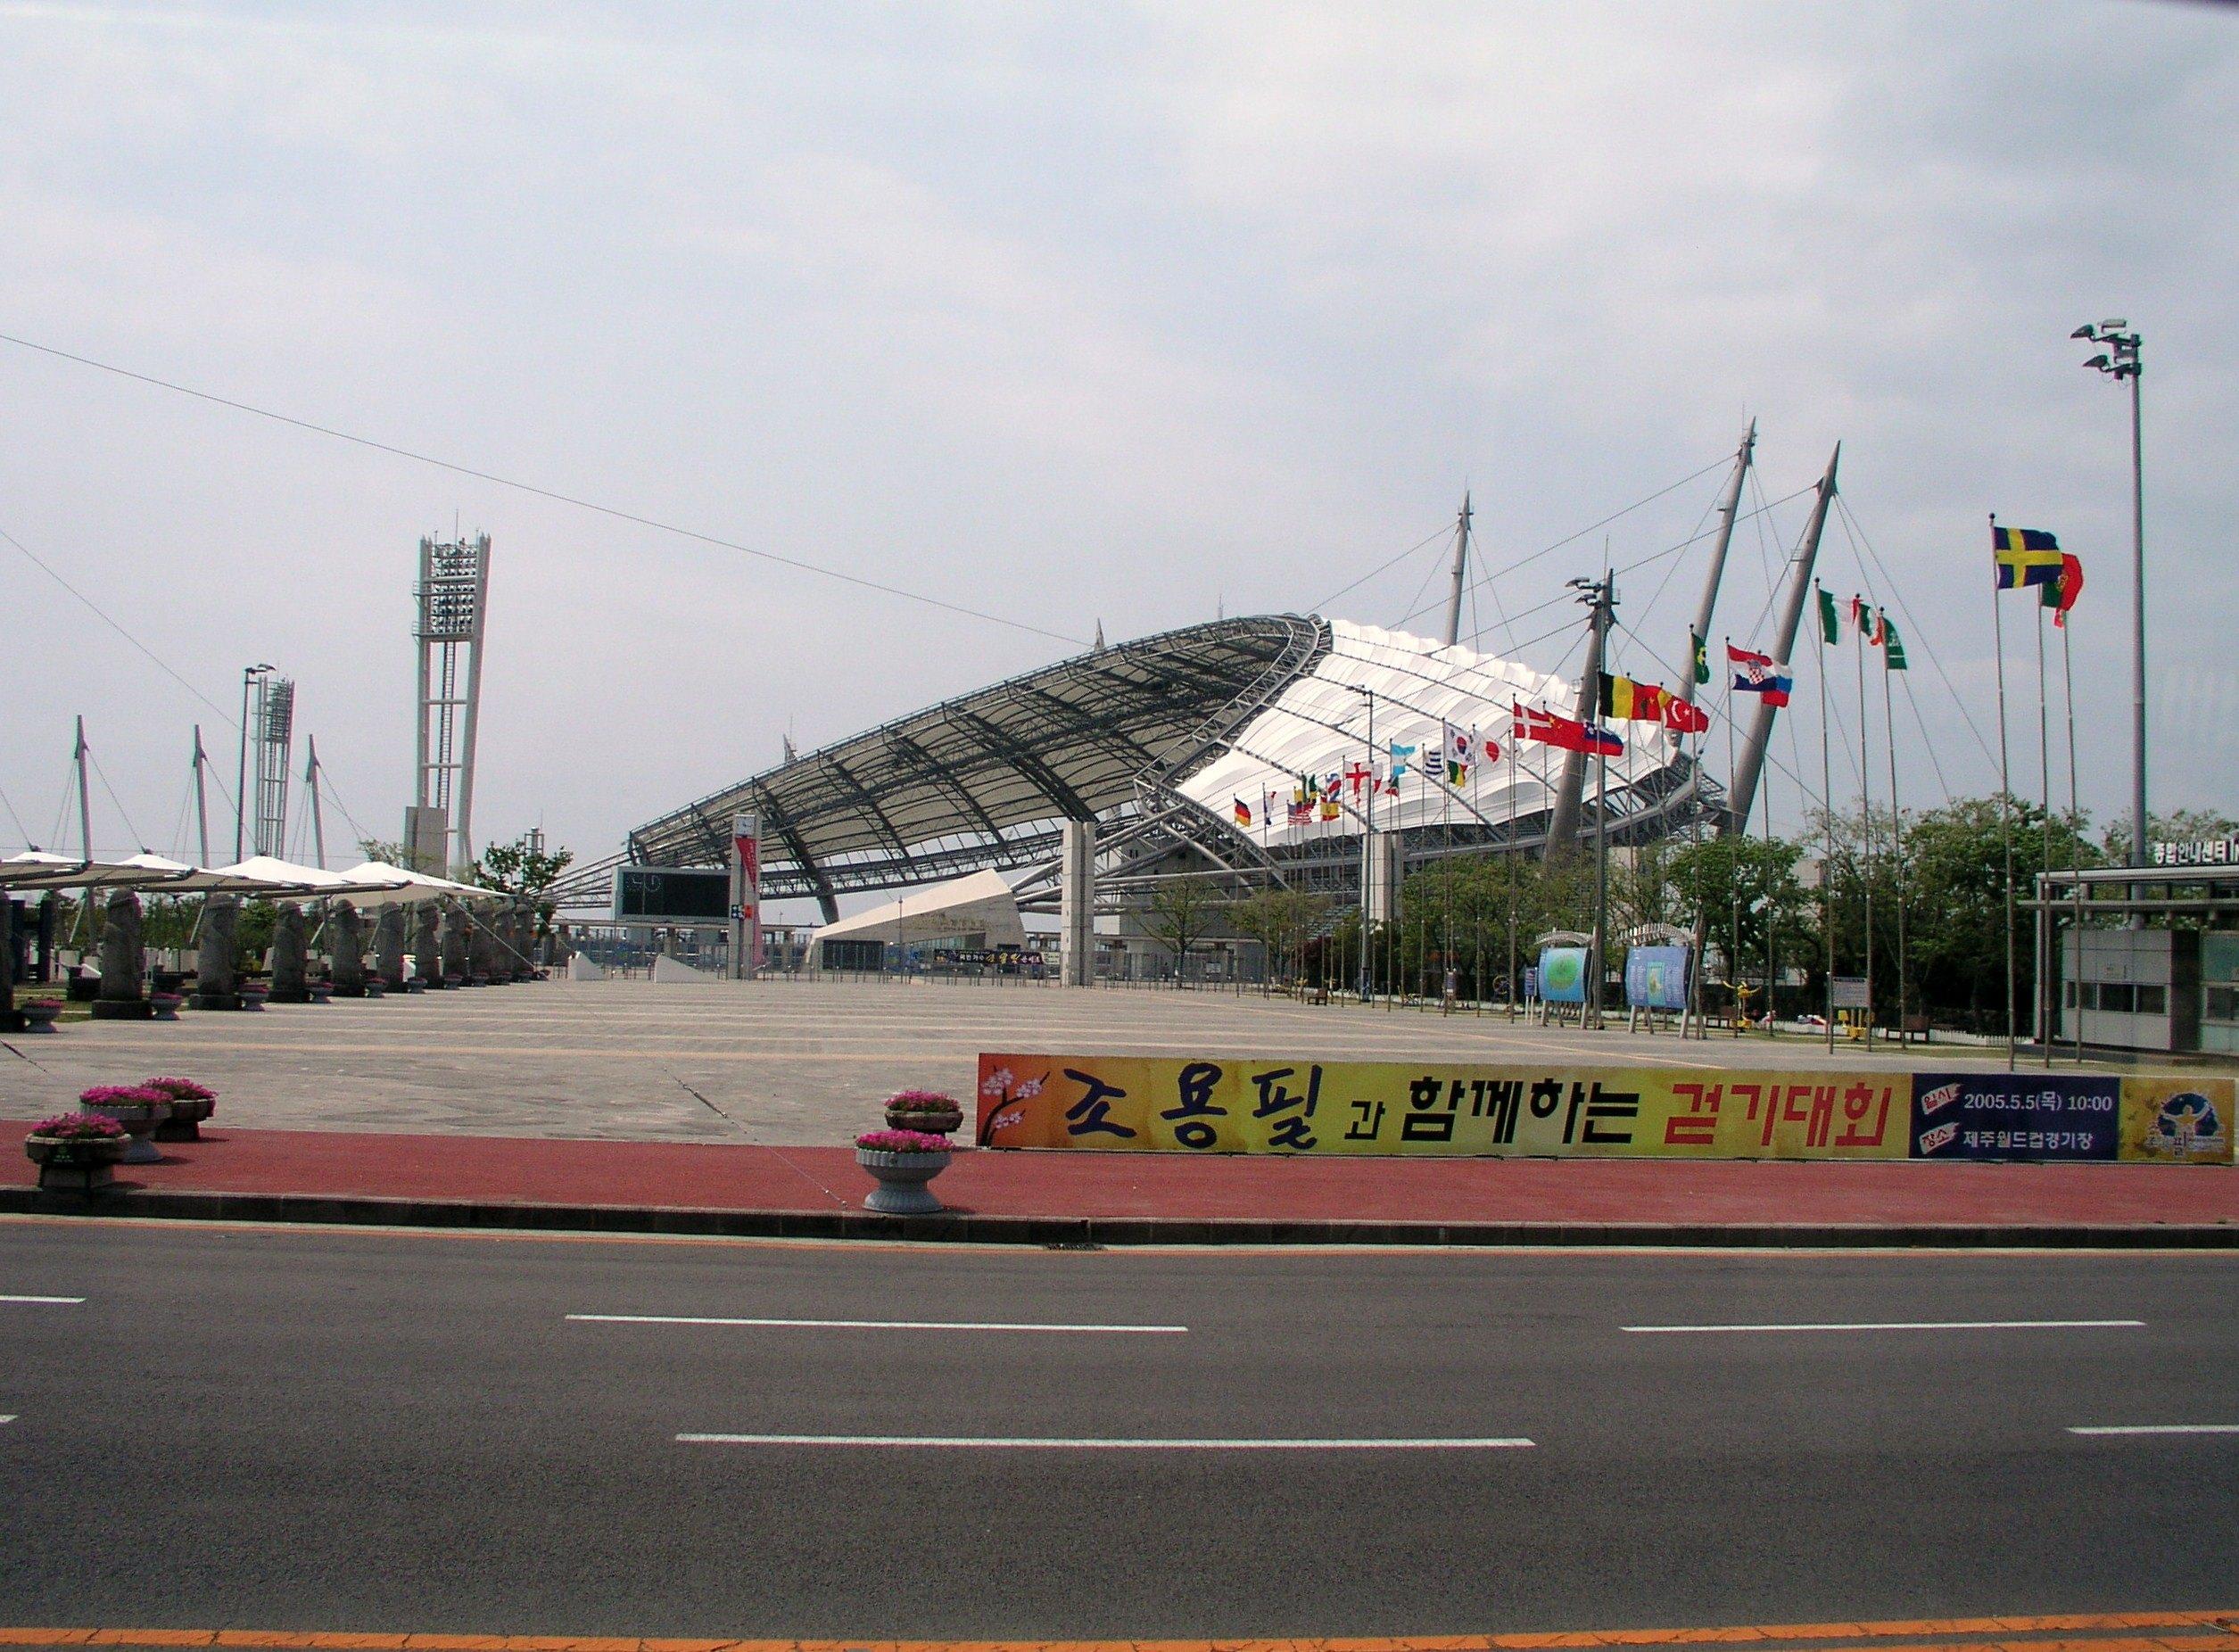 【攜程攻略】濟州道濟州世界杯足球場景點,就在西歸浦圖片